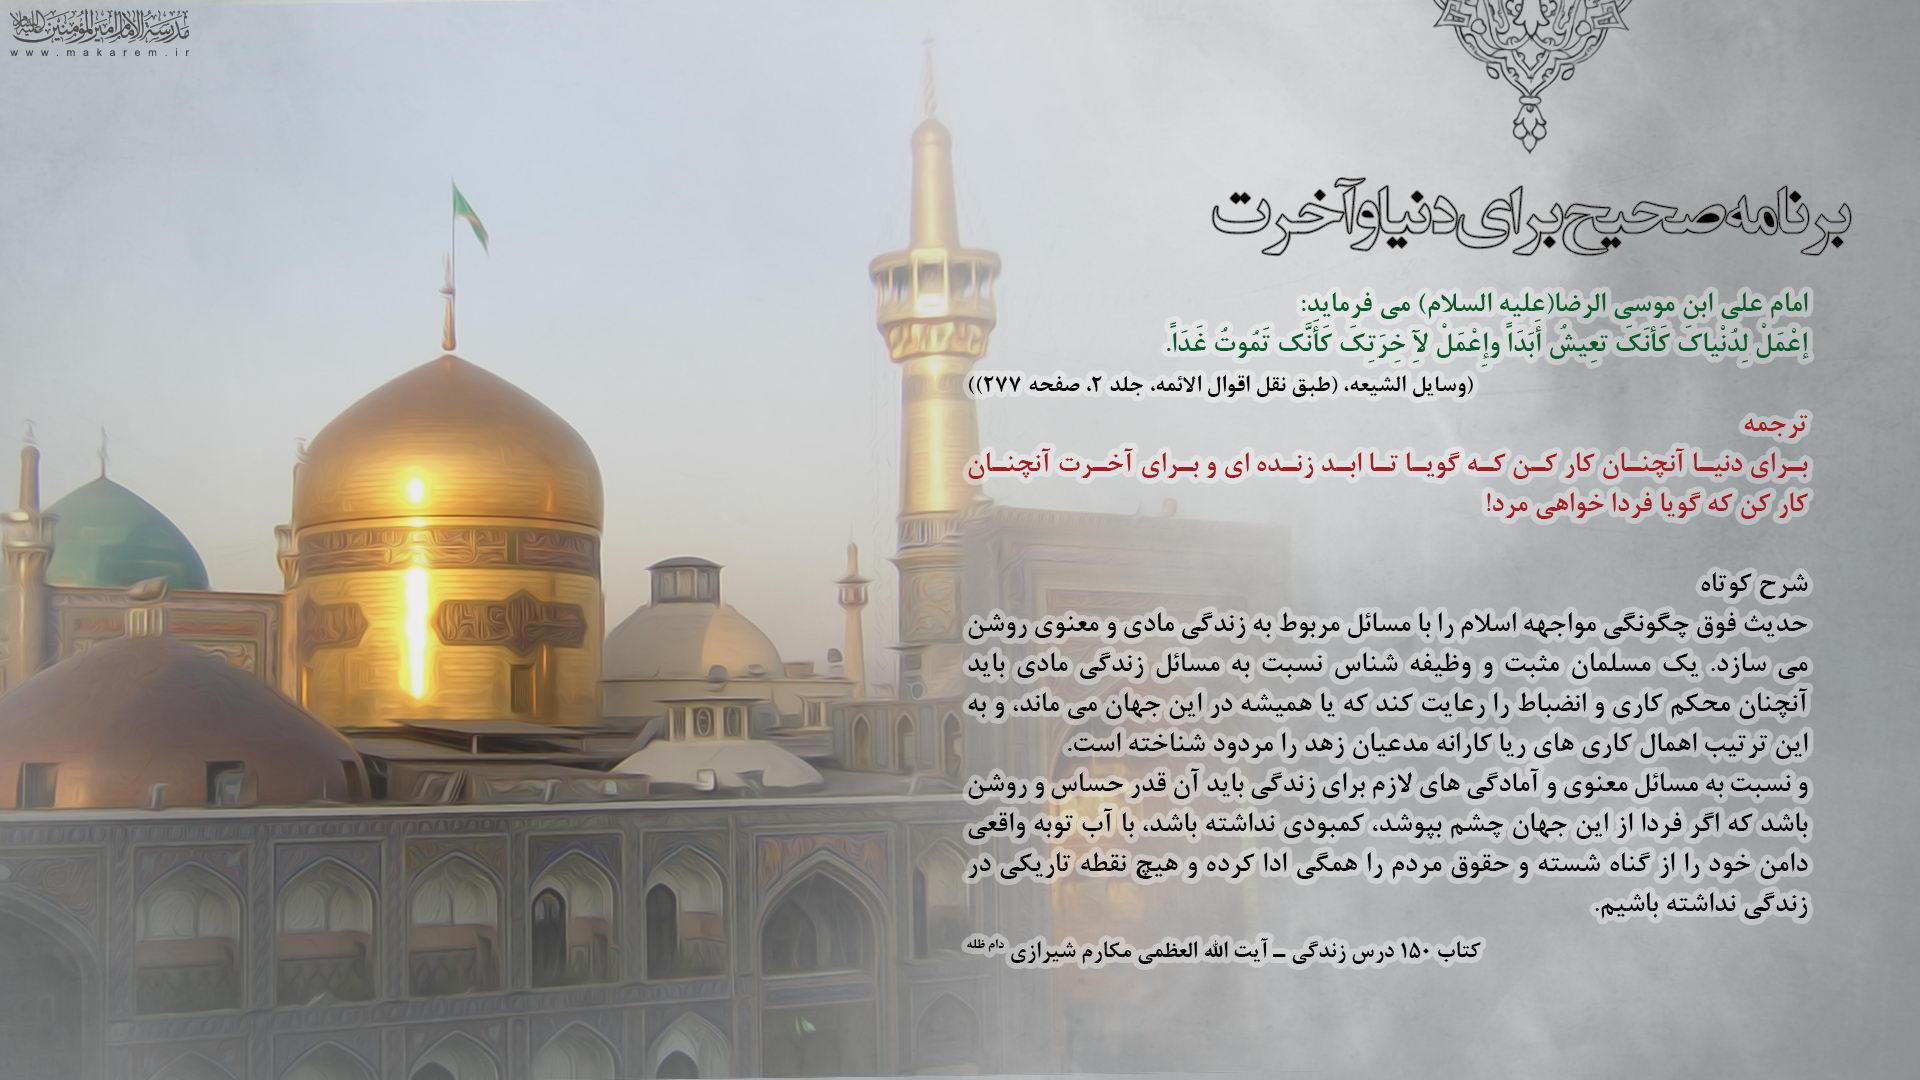 برنامه صحیح برای دنیا و آخرت-مدرسه الامام امیر المومنین (ع)